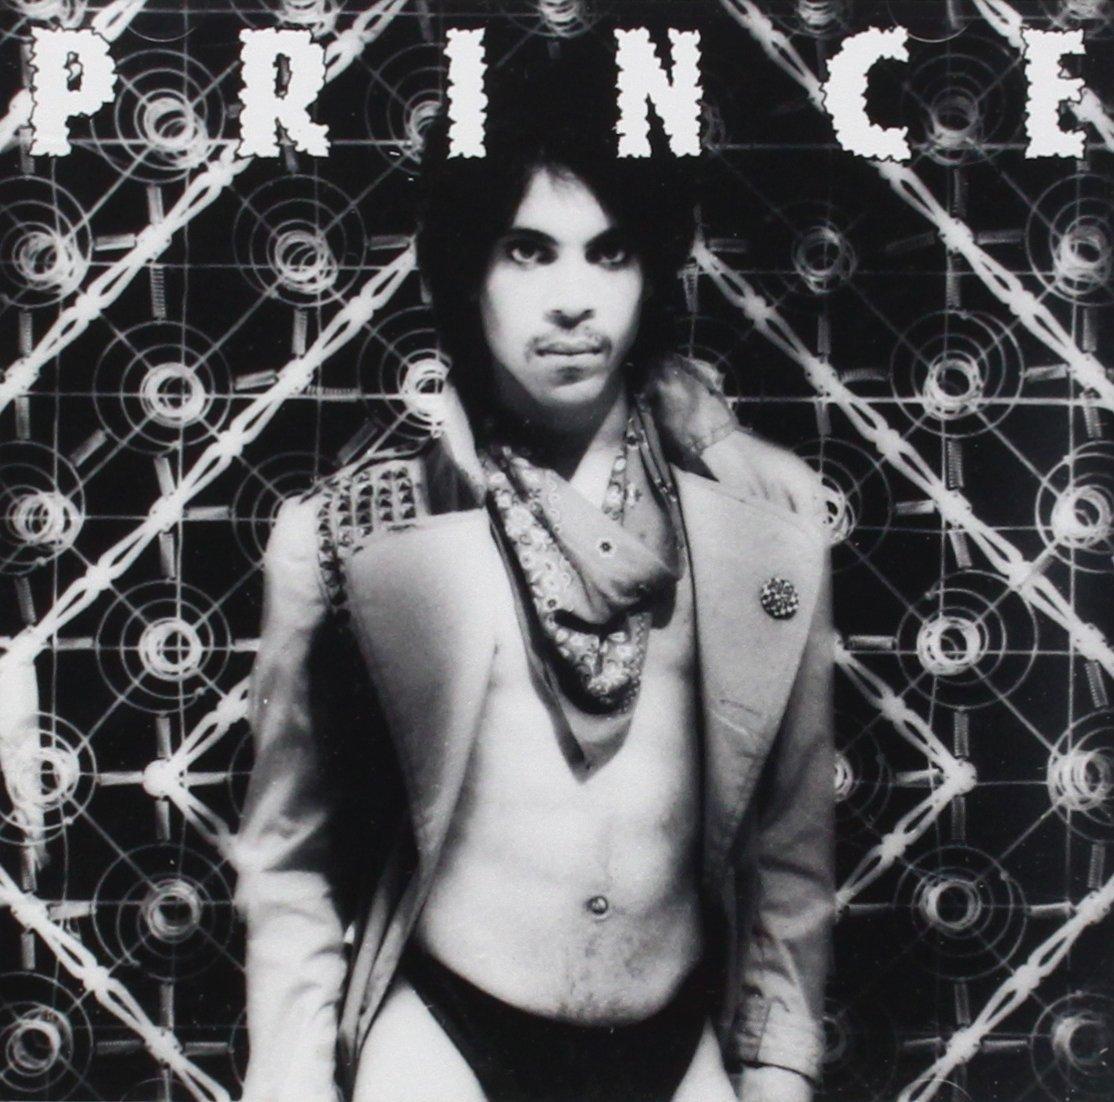 princedm